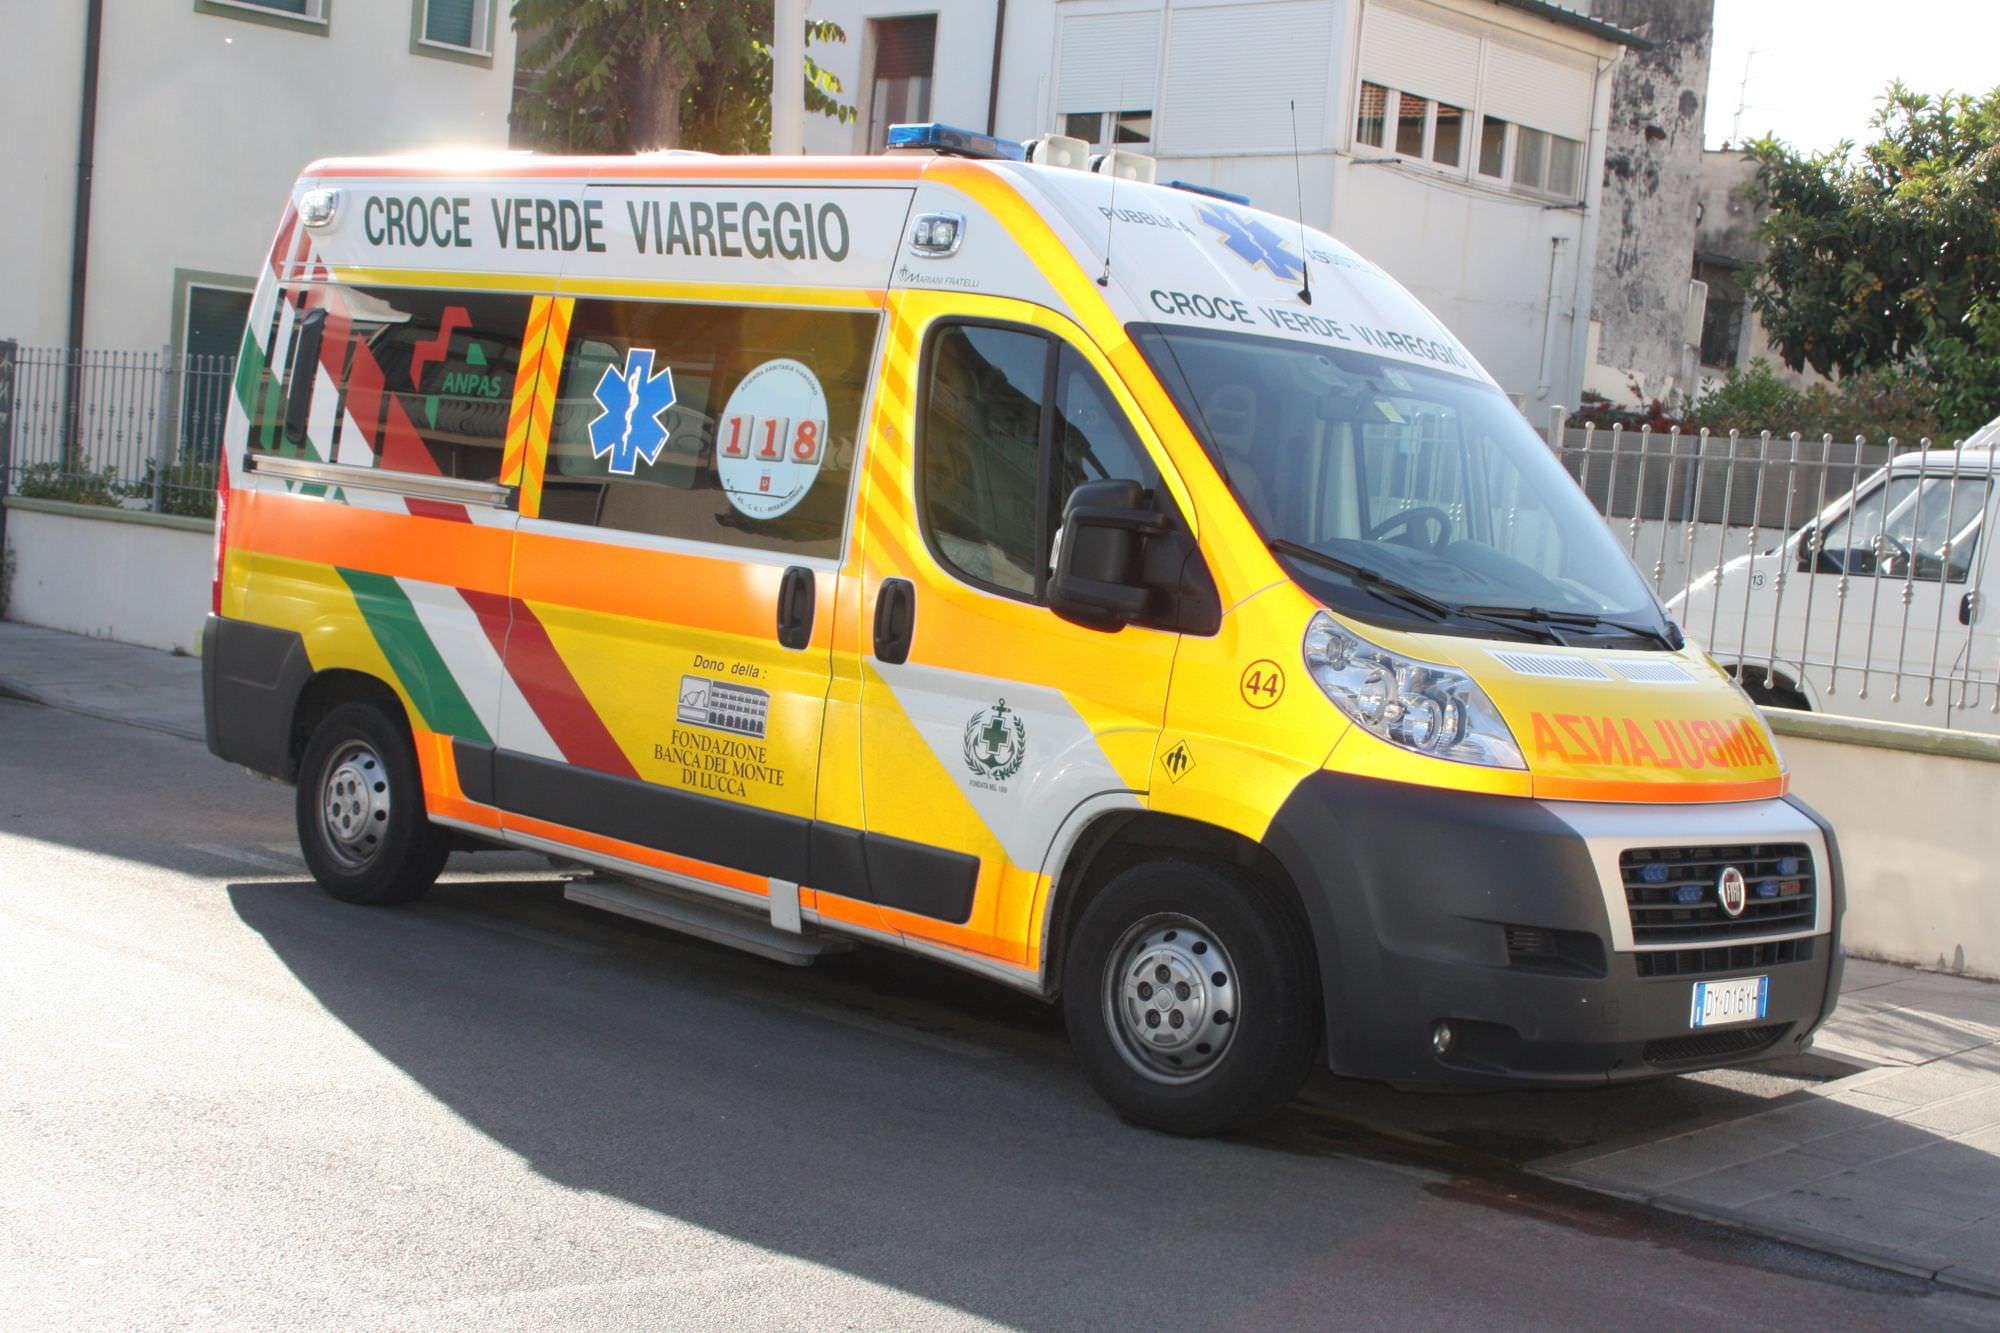 """Coronavirus, la preoccupazione della presidente della Croce Verde di Viareggio: """"La Asl ci informi su come tutelare i volontari sulle ambulanze"""""""